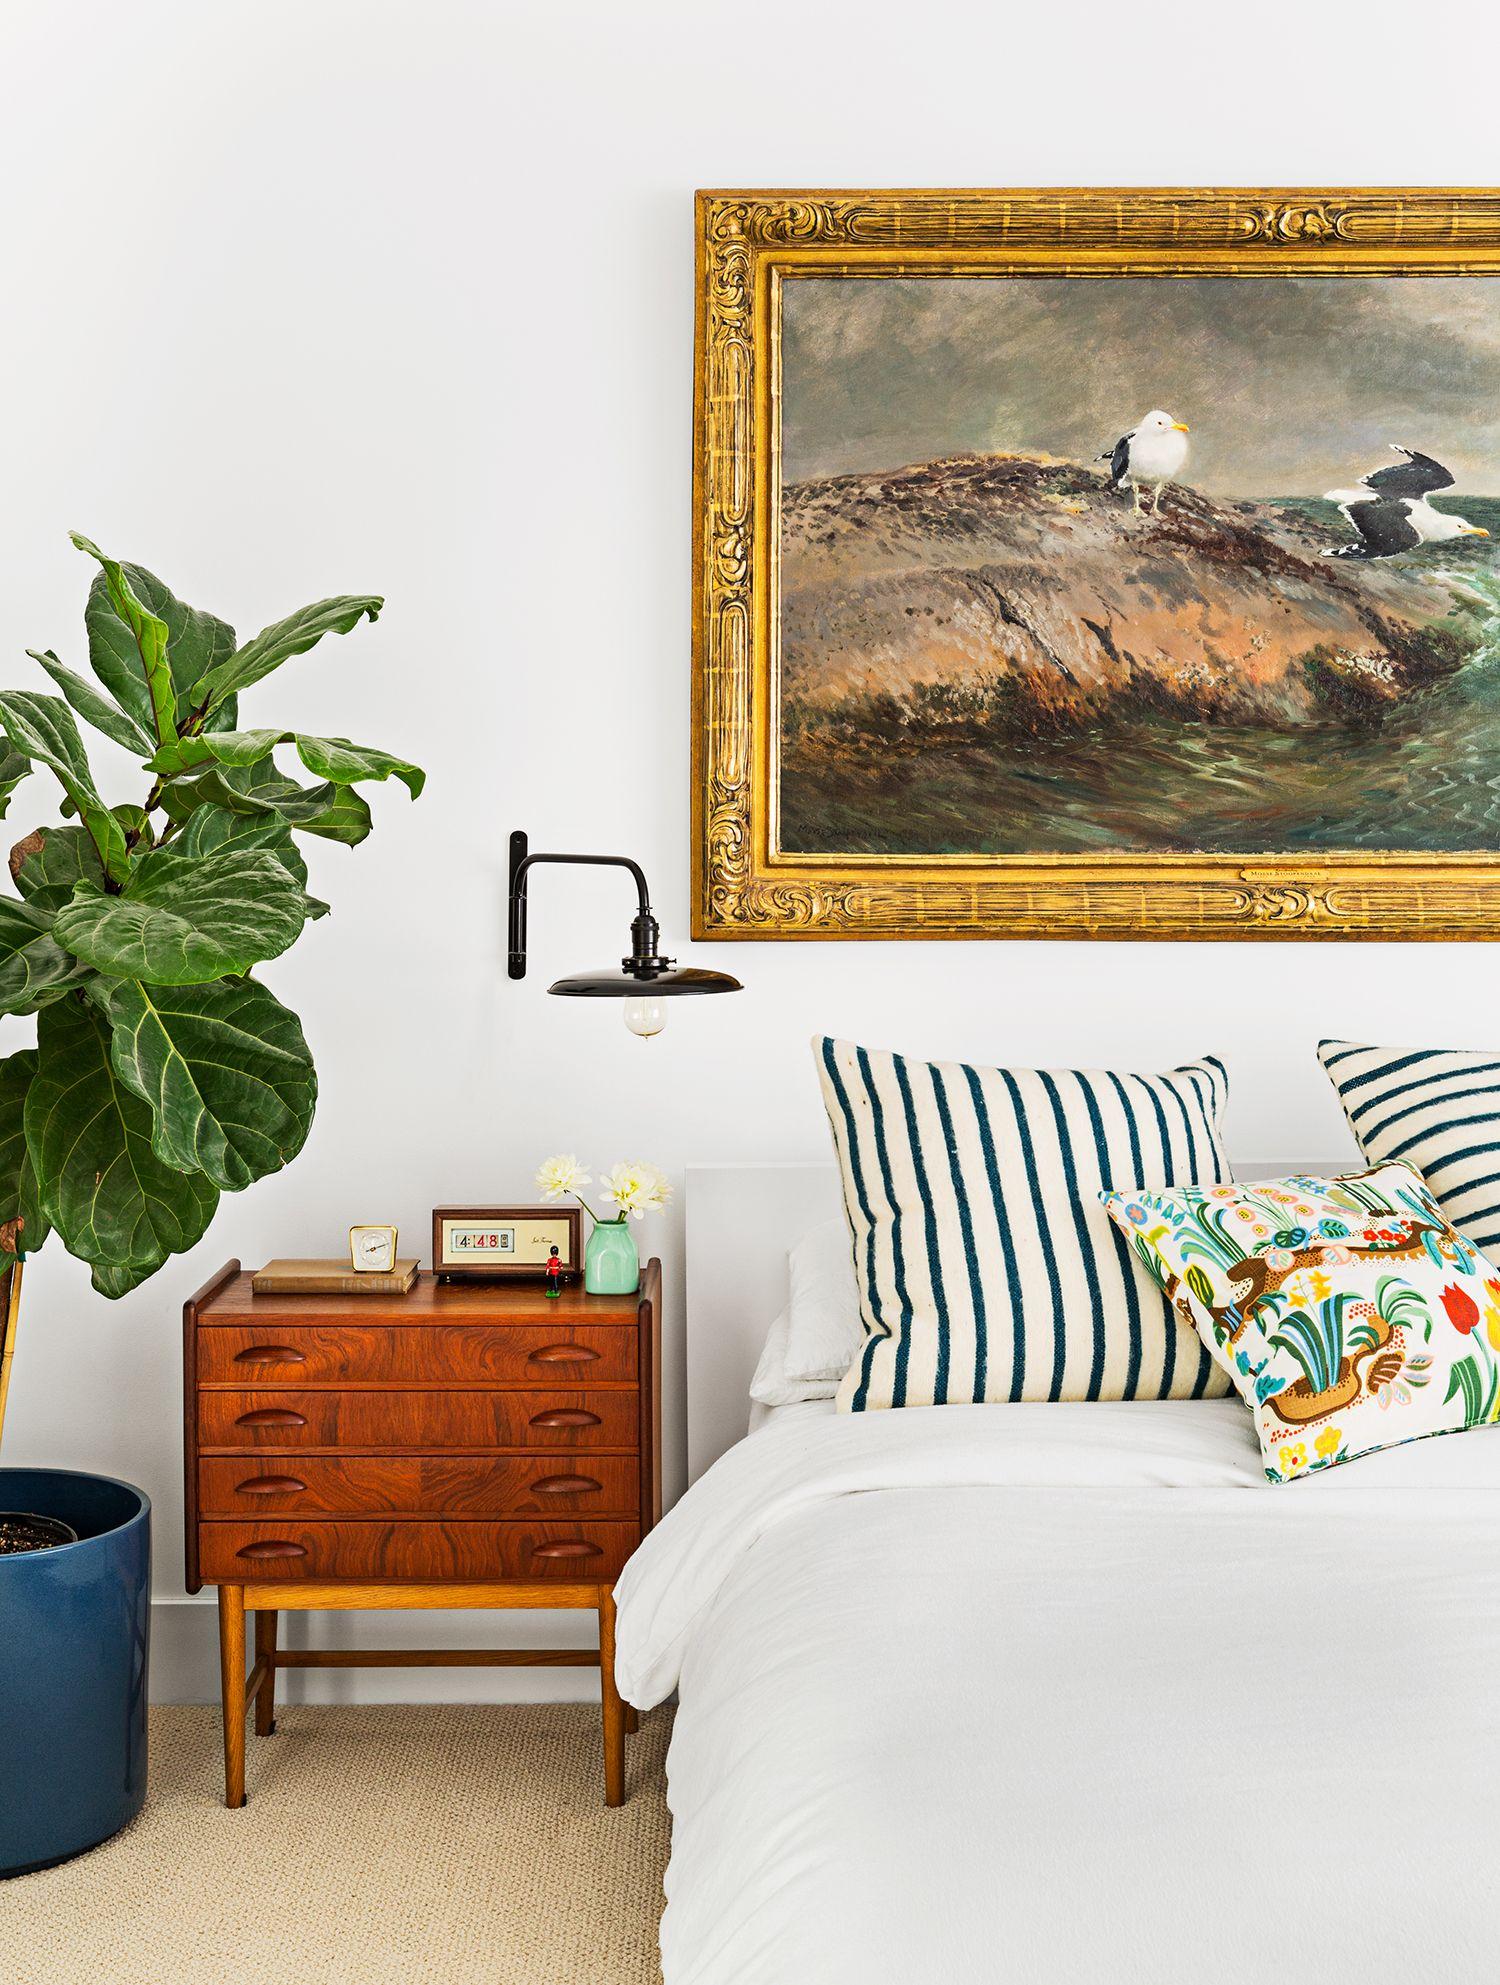 small bedroom ideas large art